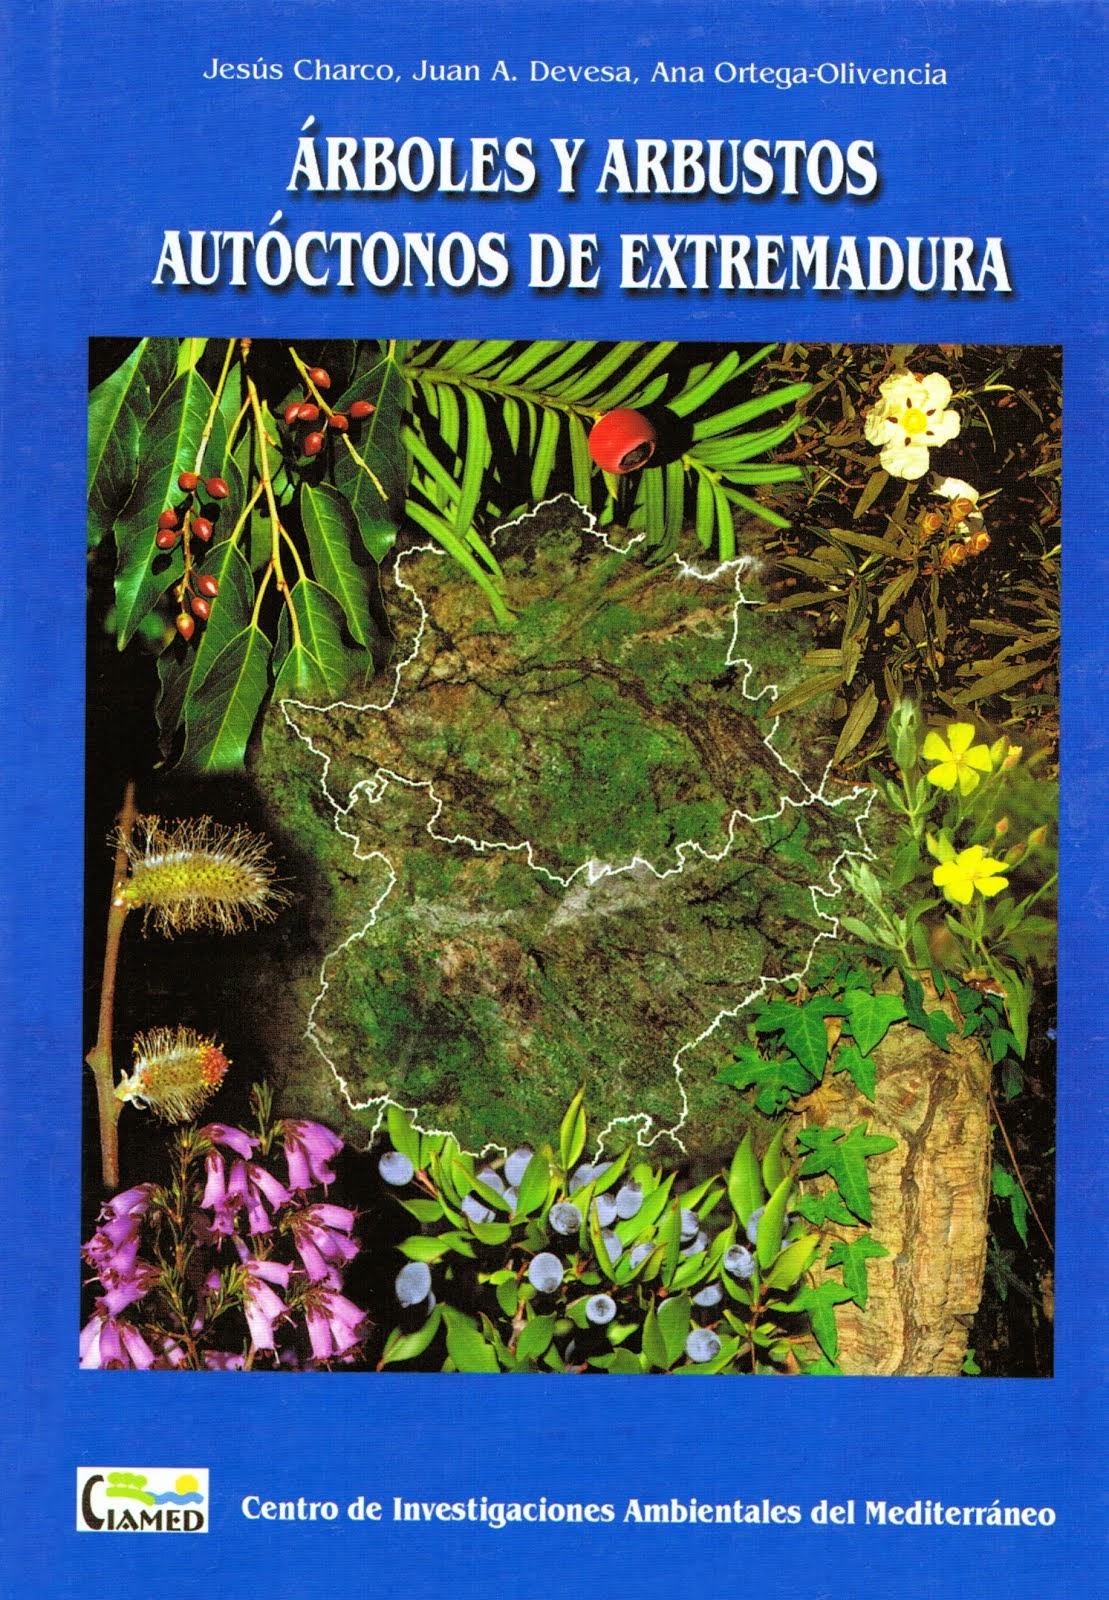 Arboles y arbustos autóctonos de Extremadura